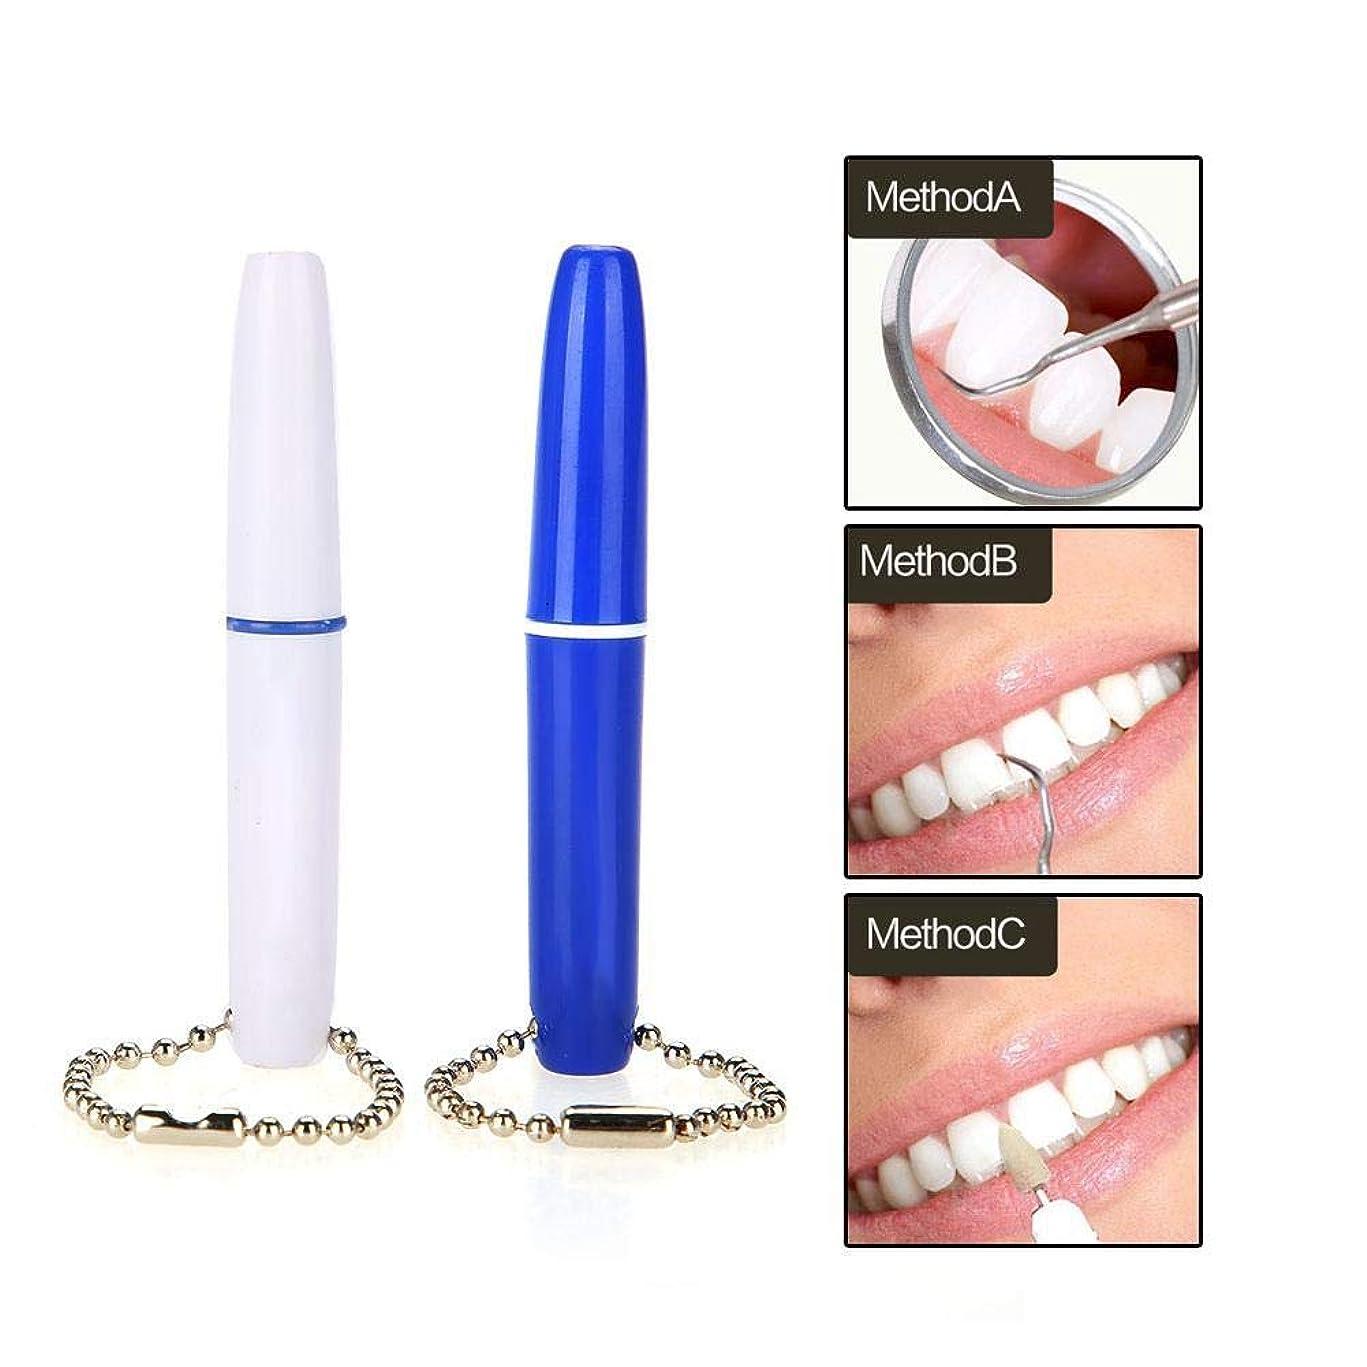 報酬魅力的秋Semmeミニトラベルプラークと歯石除去剤、歯の衛生管理ポータブルプラークと歯の汚れ消しゴムプラークリムーバー歯ツールキット